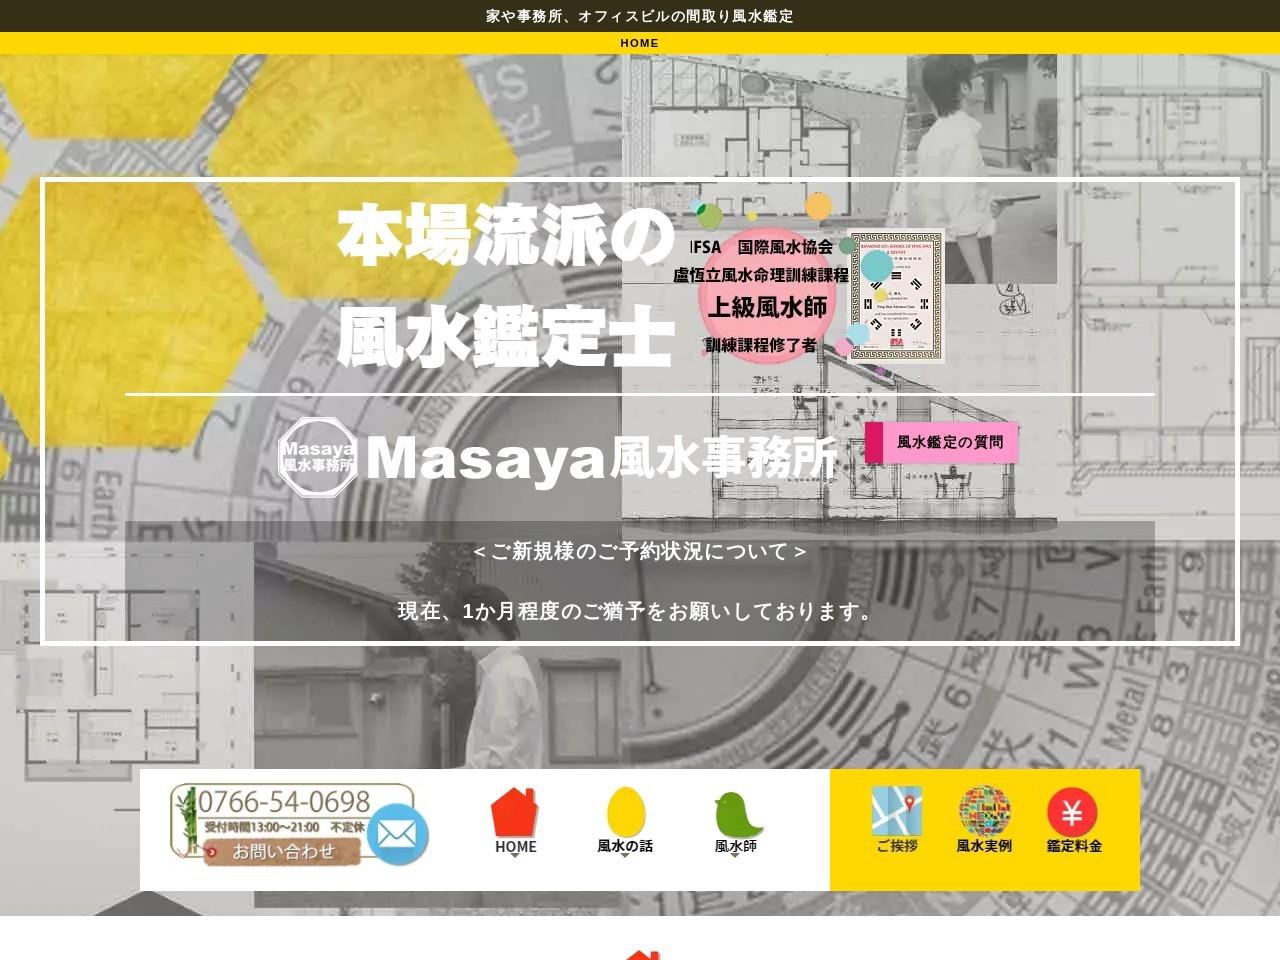 Masaya風水事務所